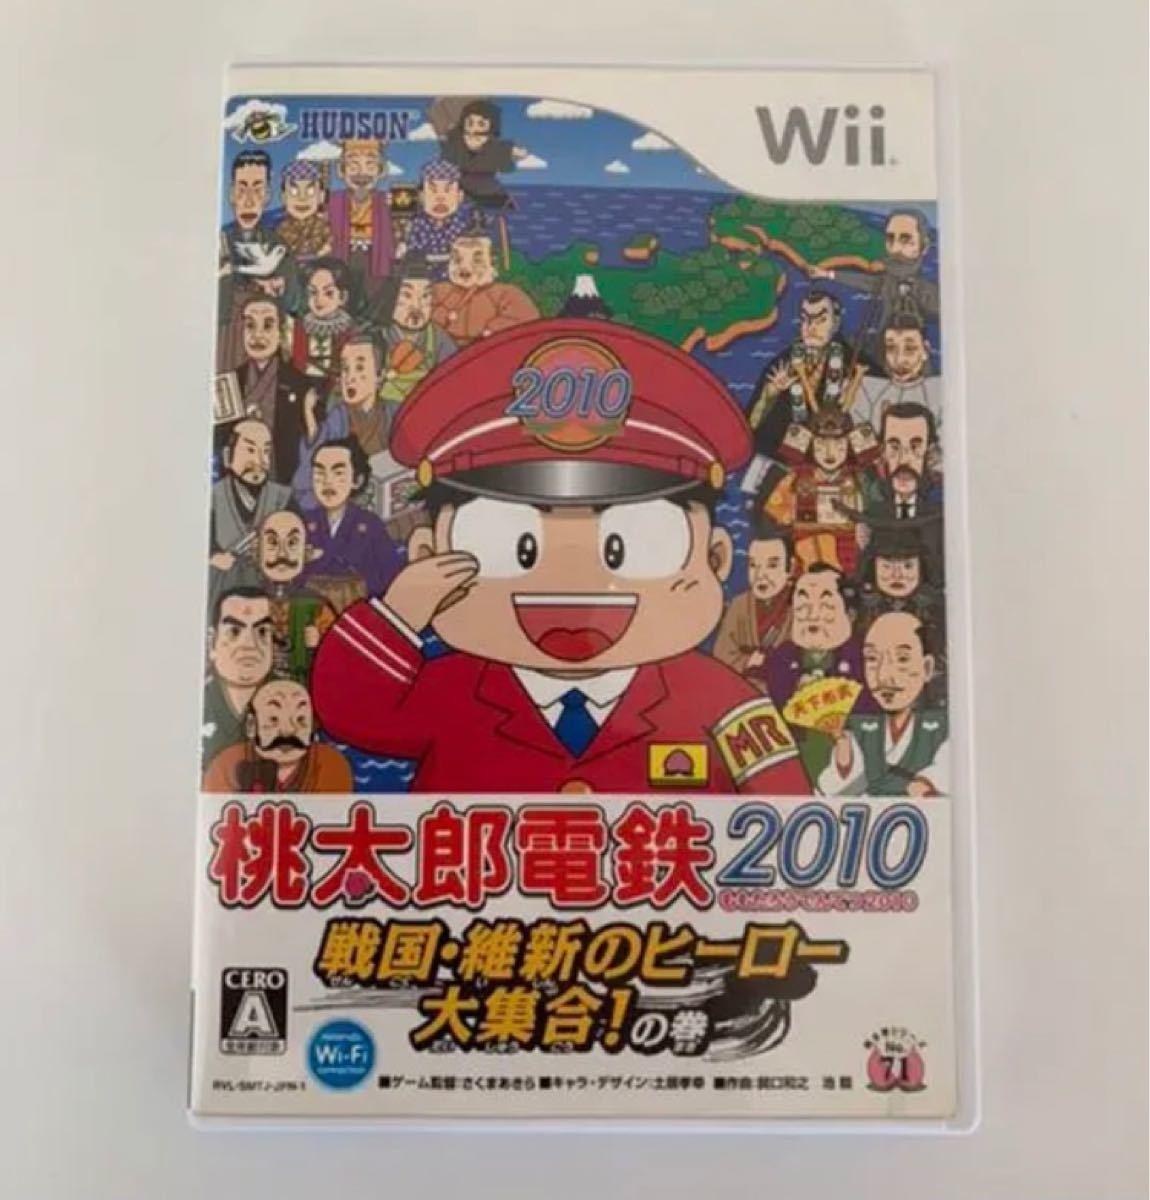 桃太郎電鉄2010 戦国・維新のヒーロー大集合!の巻 桃鉄  Wii Wiiソフト 桃鉄